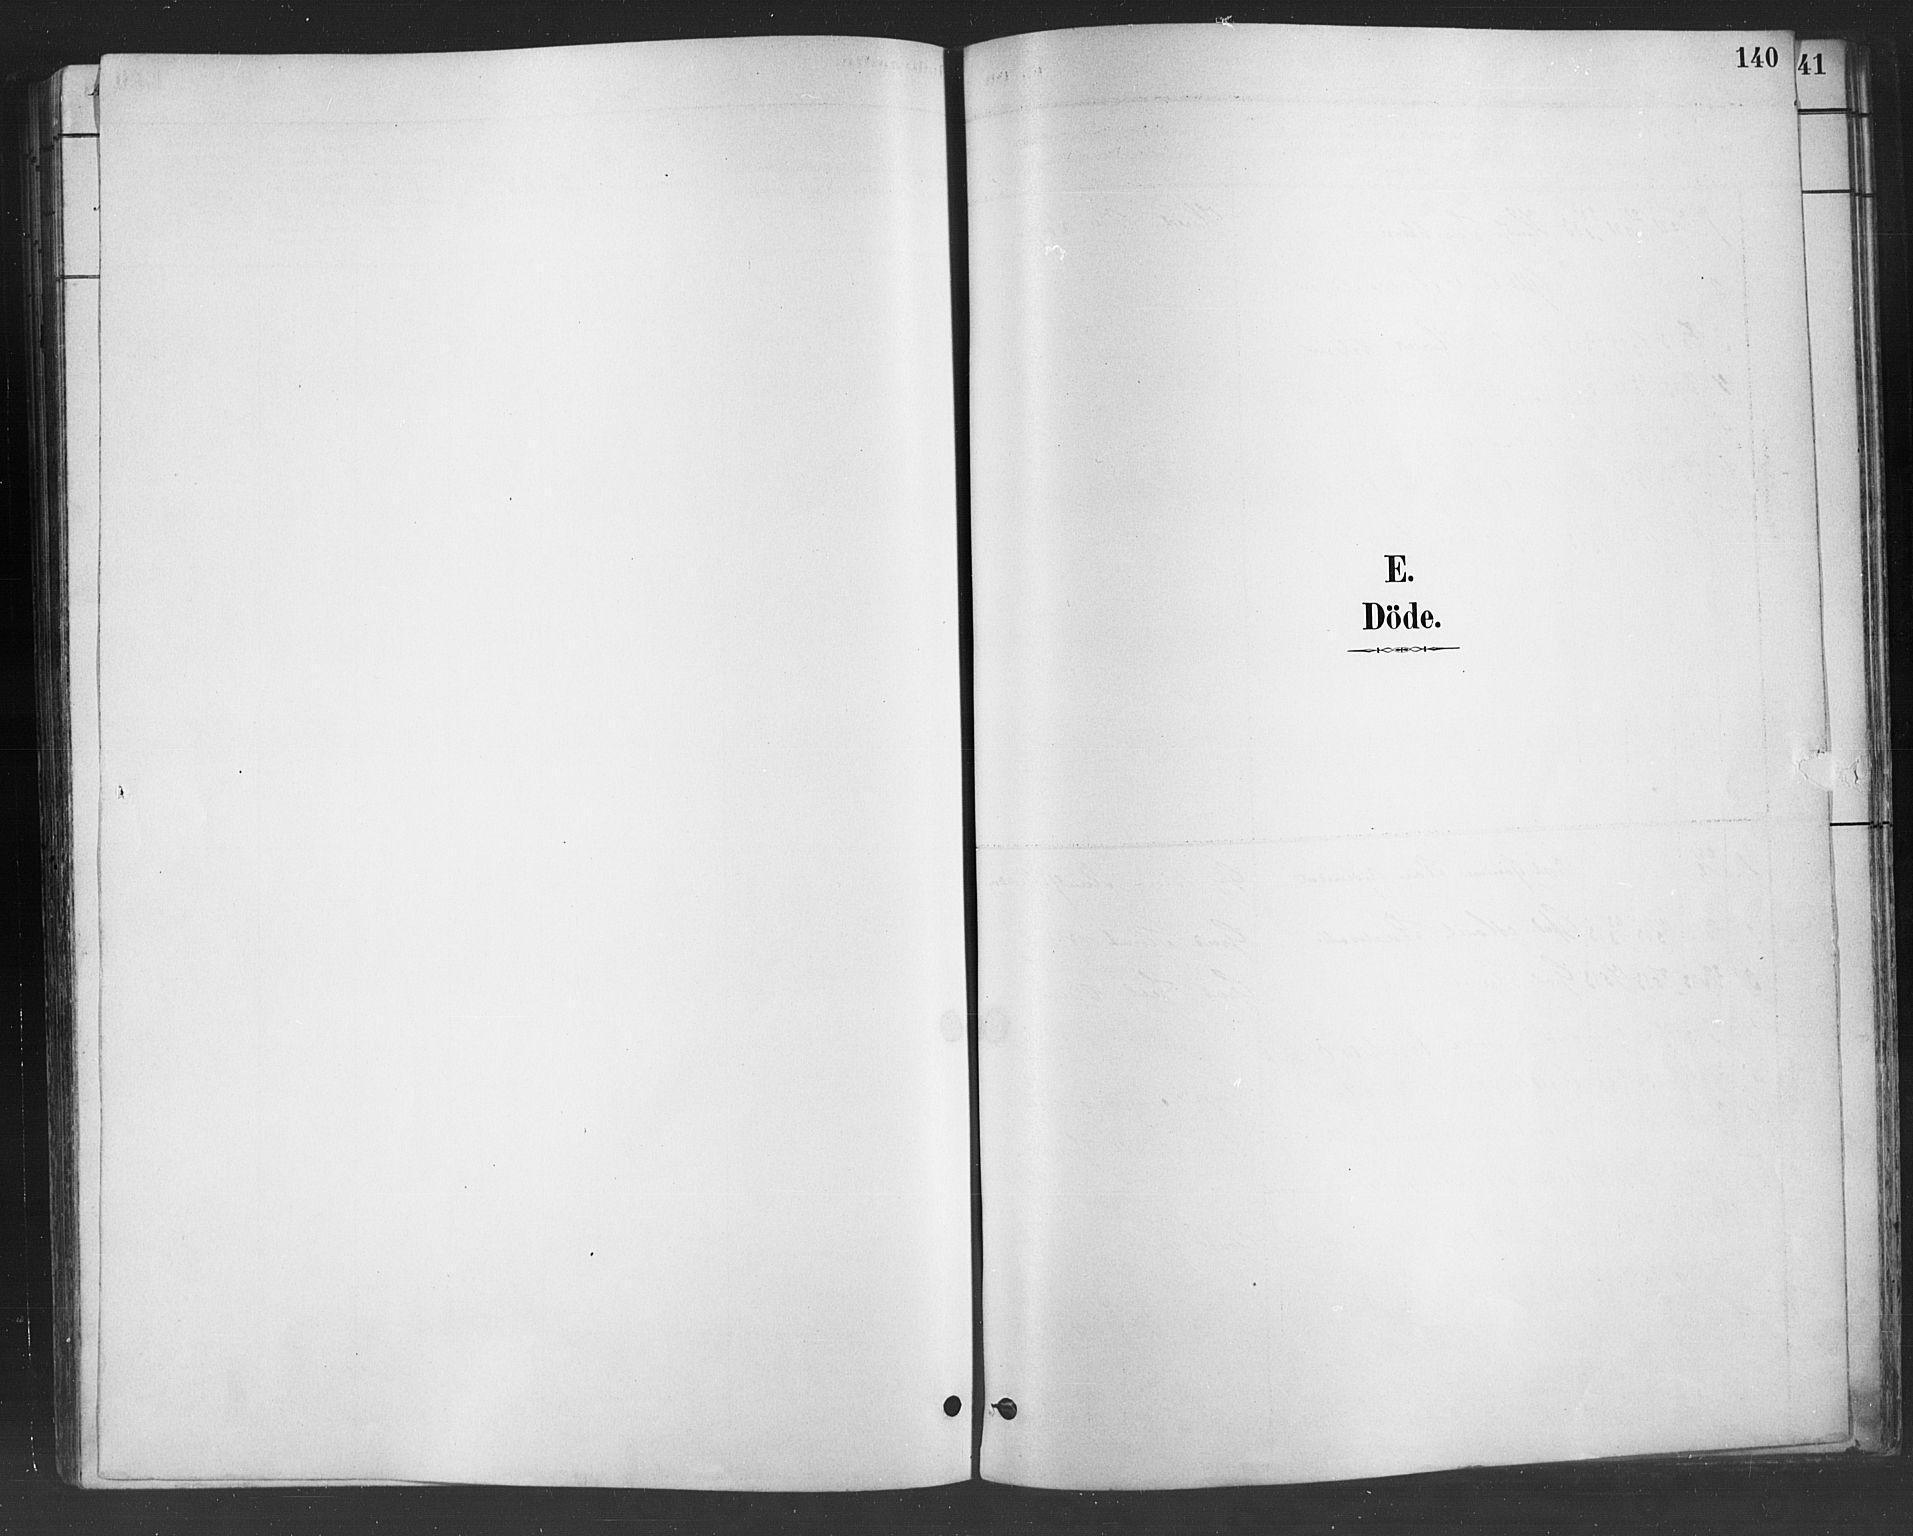 SAH, Nord-Aurdal prestekontor, Klokkerbok nr. 8, 1883-1916, s. 140